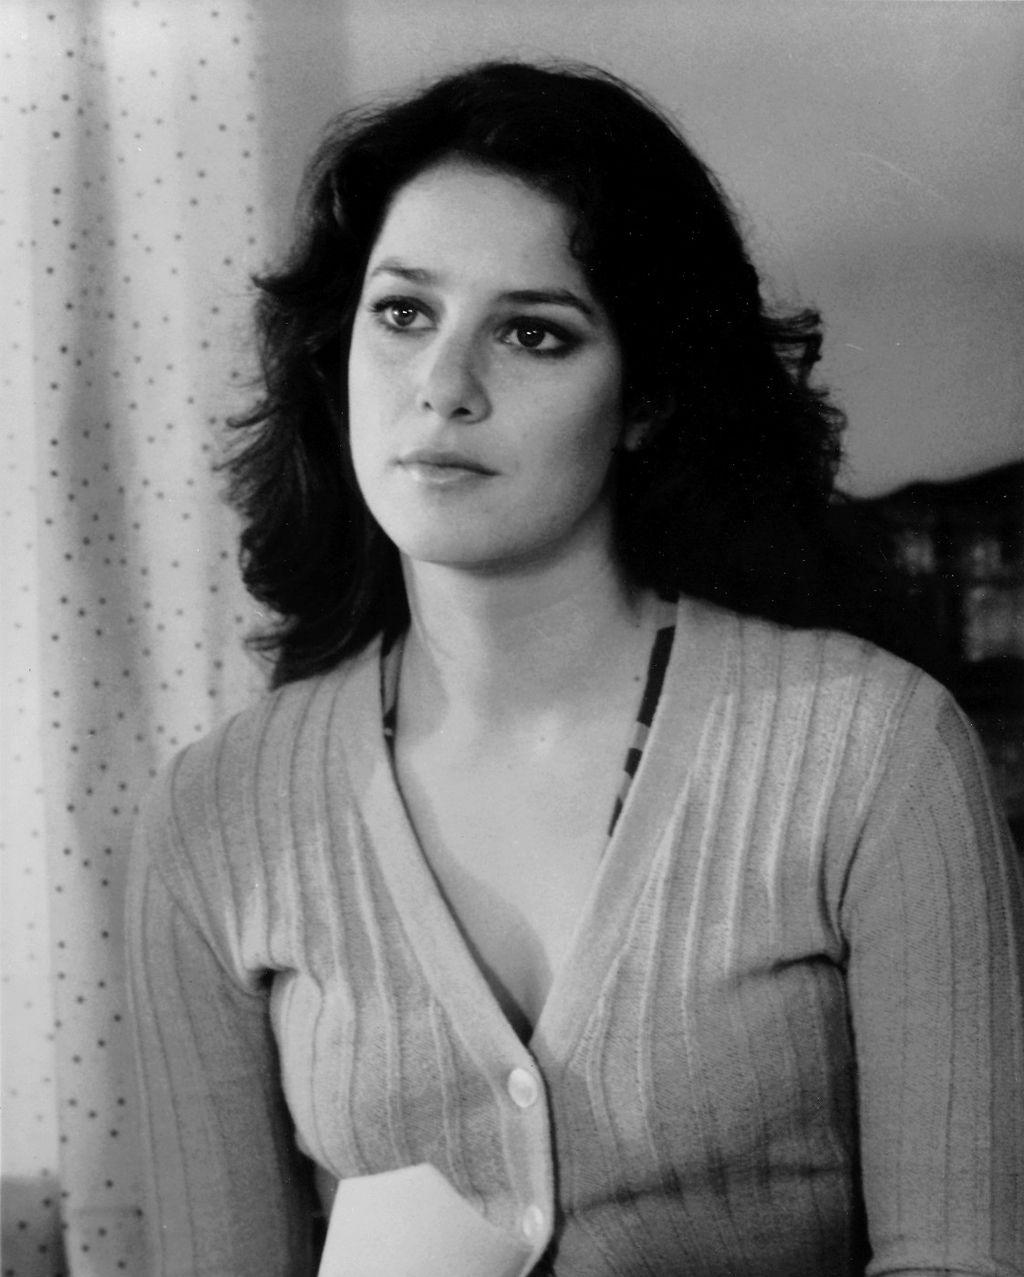 pics Jane Carr (actress, born 1909)